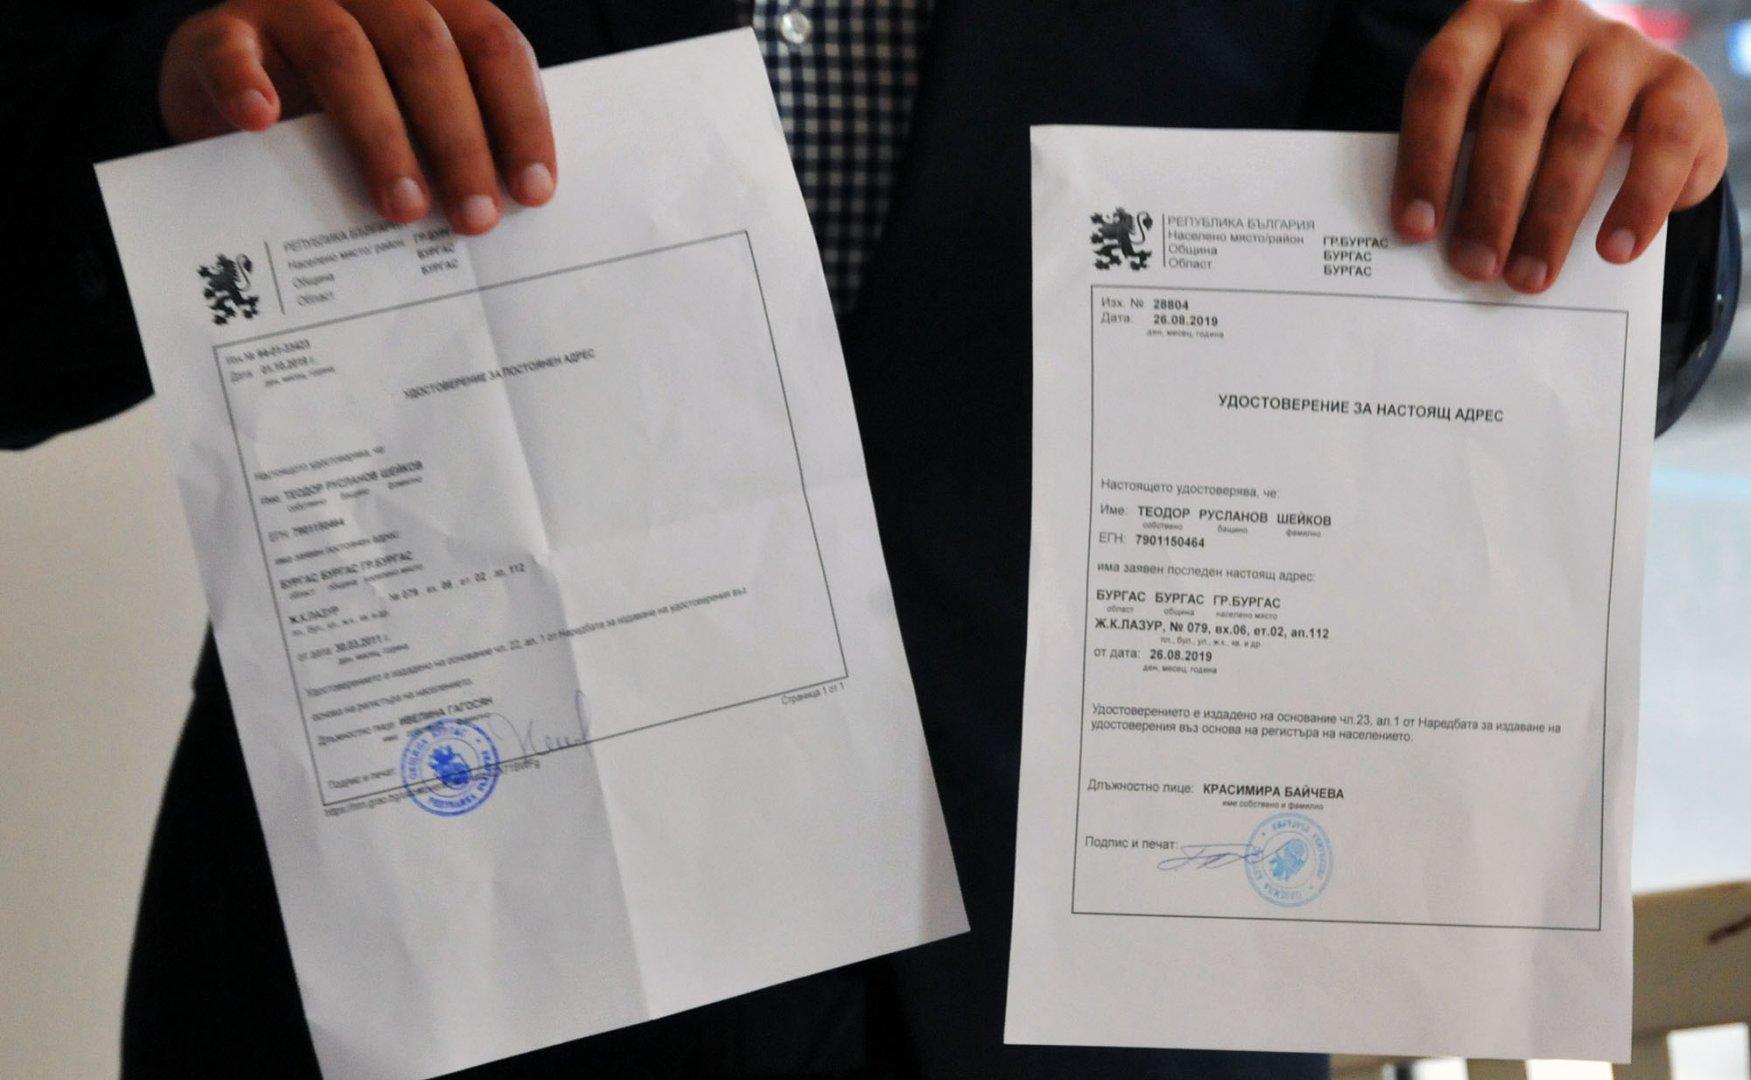 От коалицията представиха извадки от ГРАО - Бургас, че и двата адреса на кандидата им са в Бургас. Снимка Архив Черноморие-бг